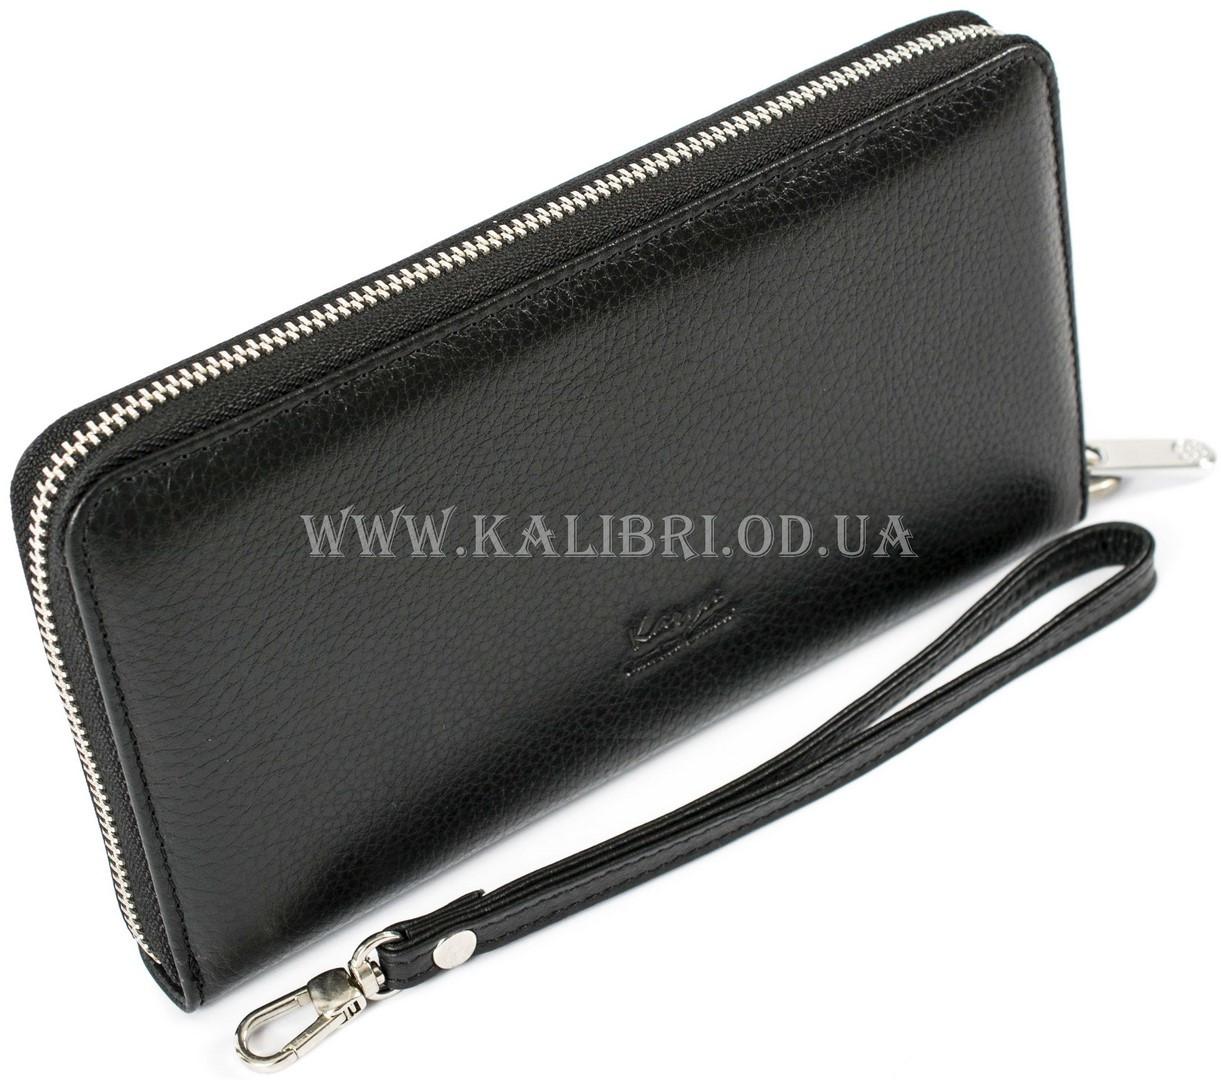 b39ea3981855 Купить Кошелек-клатч мужской кожа Karya 0704-45 Турция в Одессе от ...